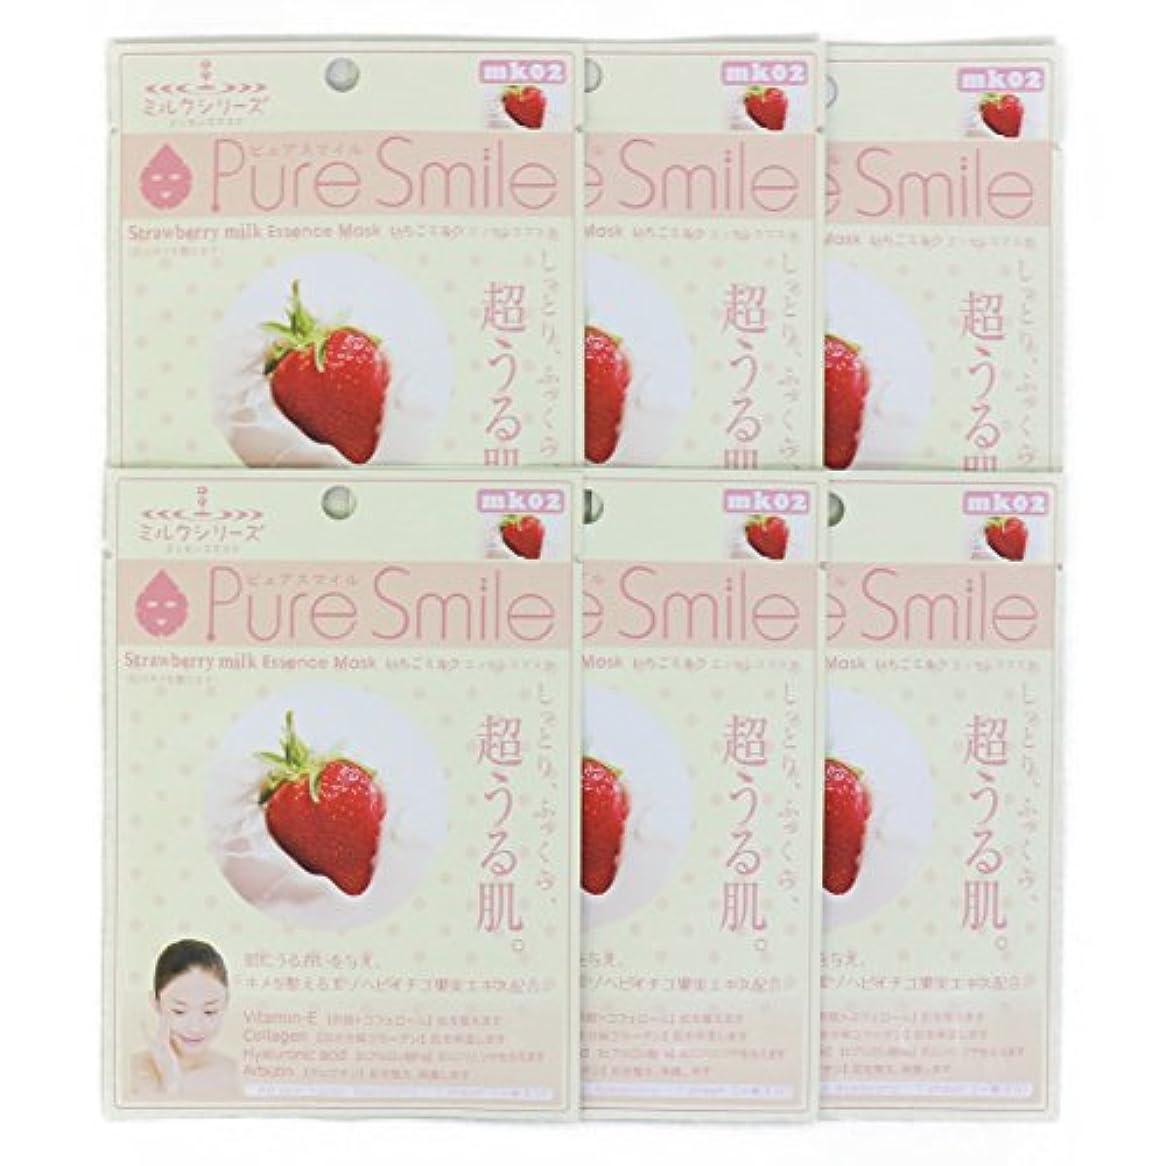 公平ドライバ分布Pure Smile ピュアスマイル ミルクエッセンスマスク イチゴミルク 6枚セット